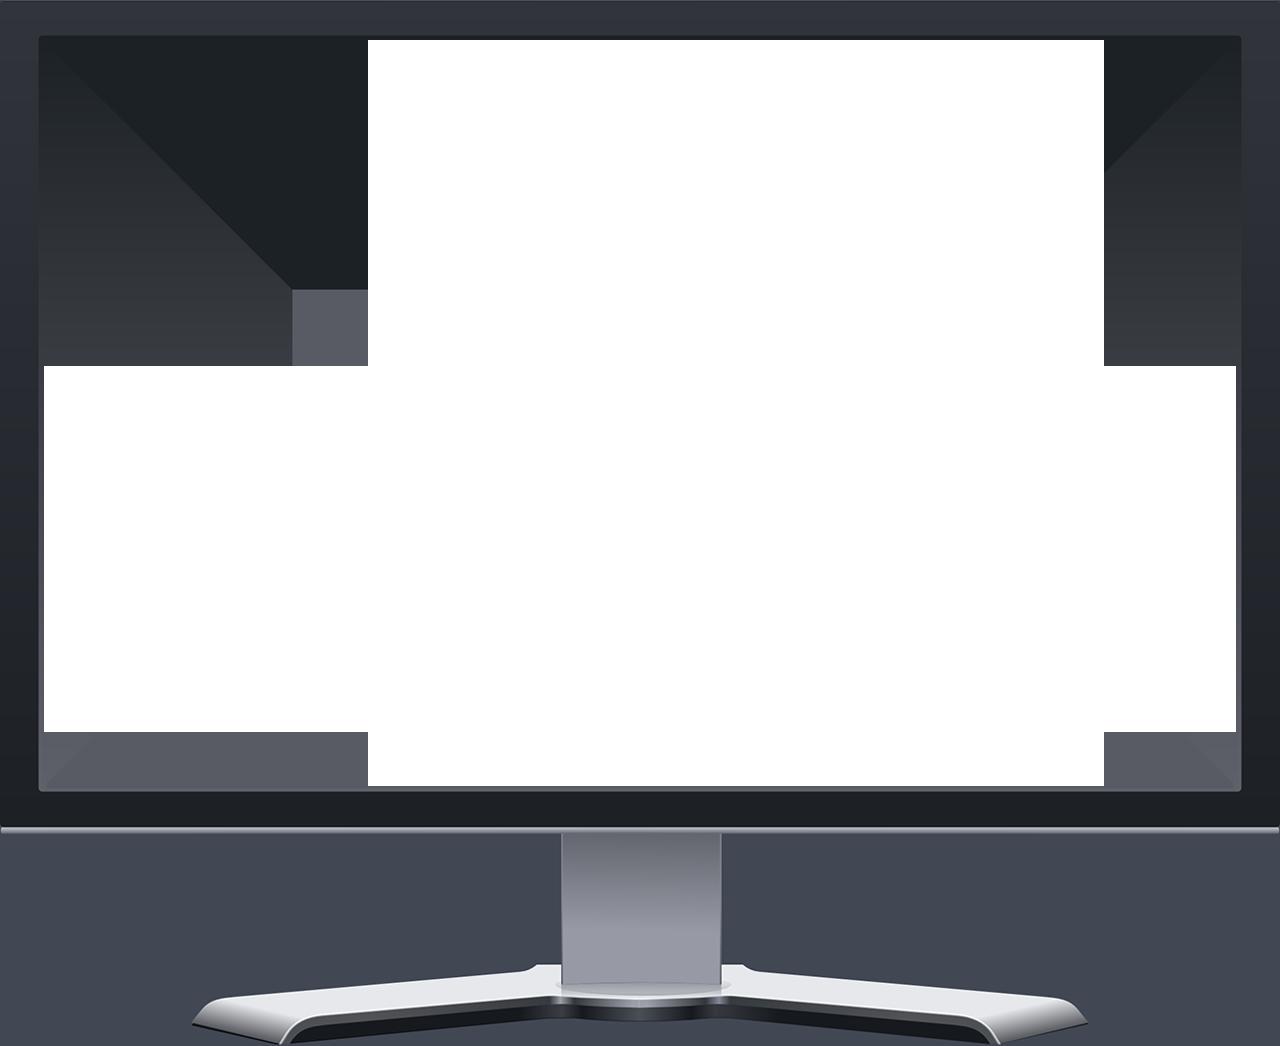 Fernsehsender schauen